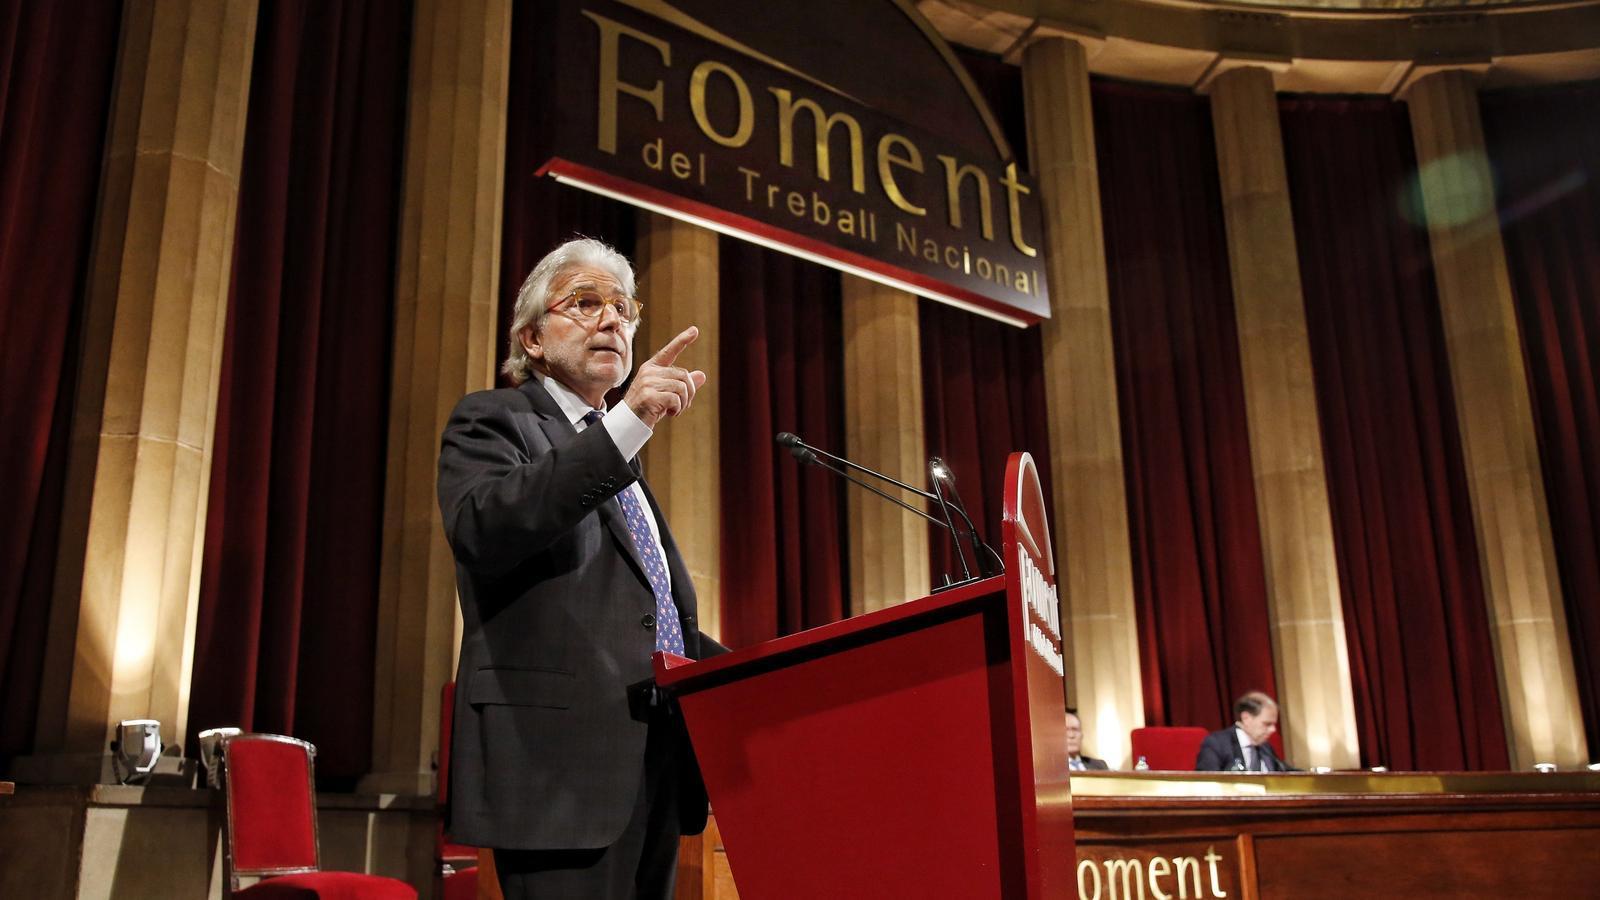 El nou president de Foment, Josep Sánchez Llibre